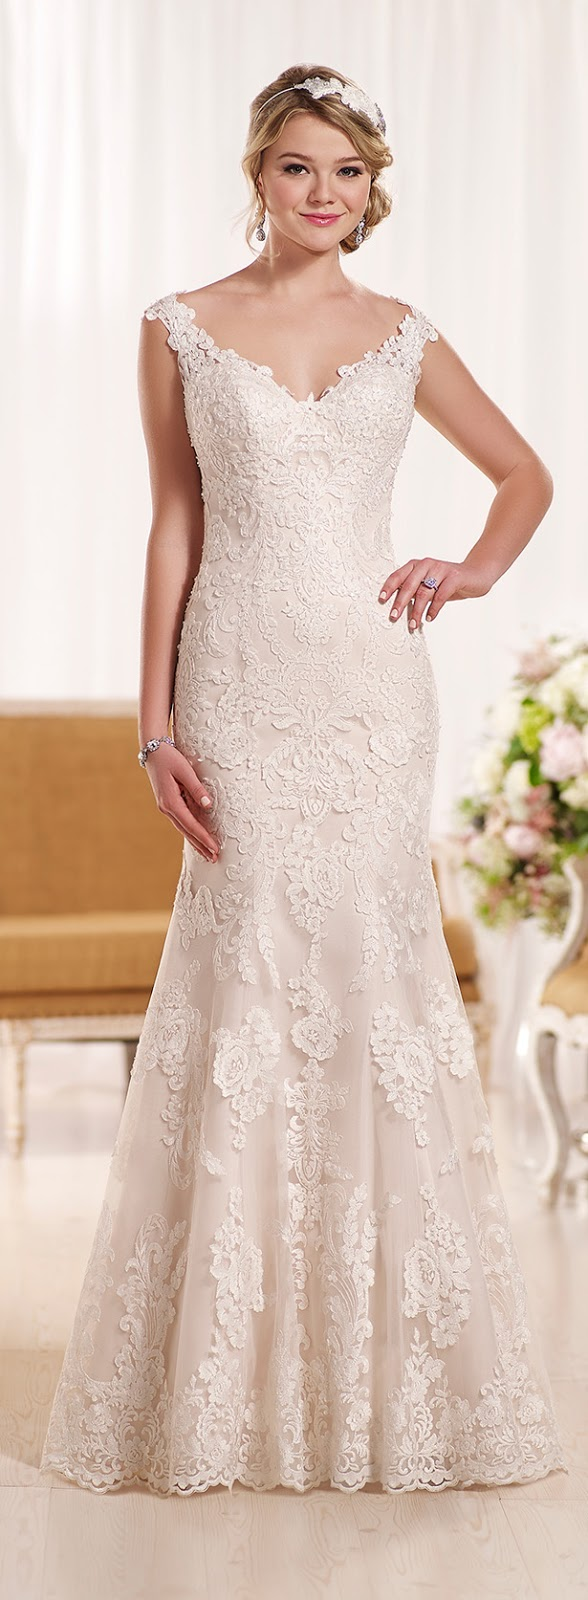 Exclusivos vestidos de novias | Colección Essense De Australia